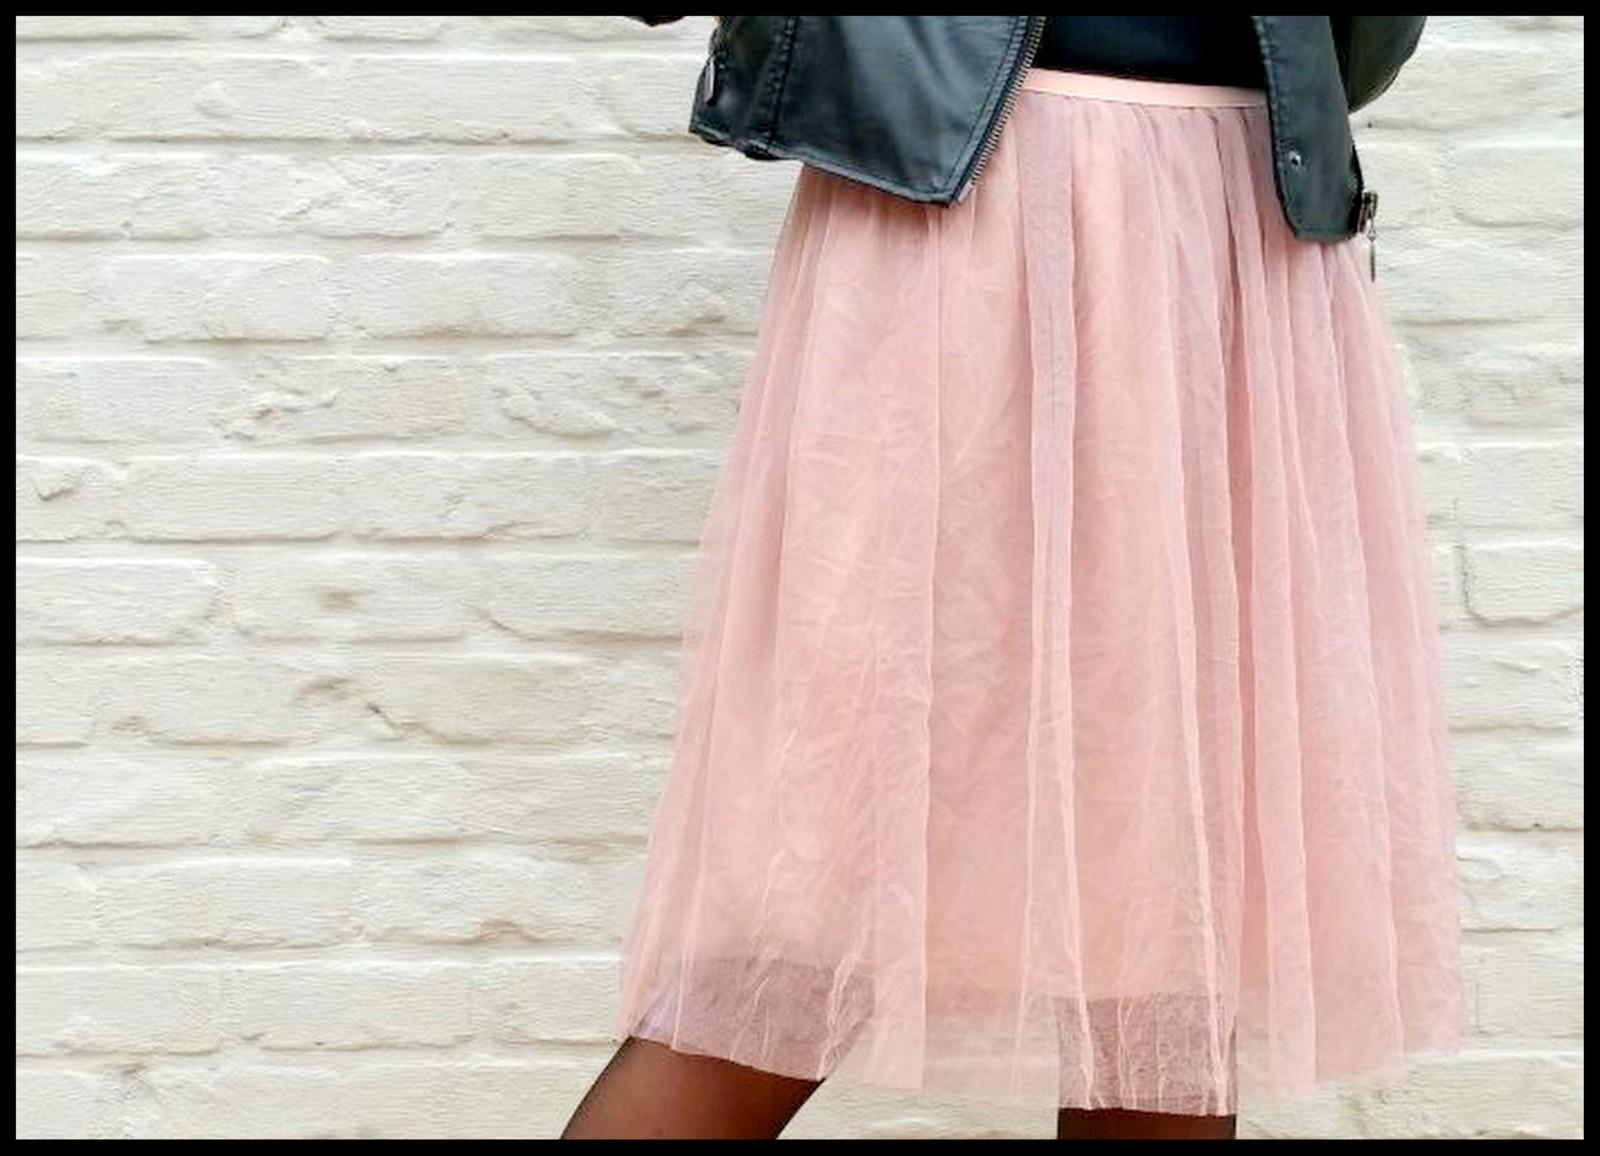 tule/chiffon skirt